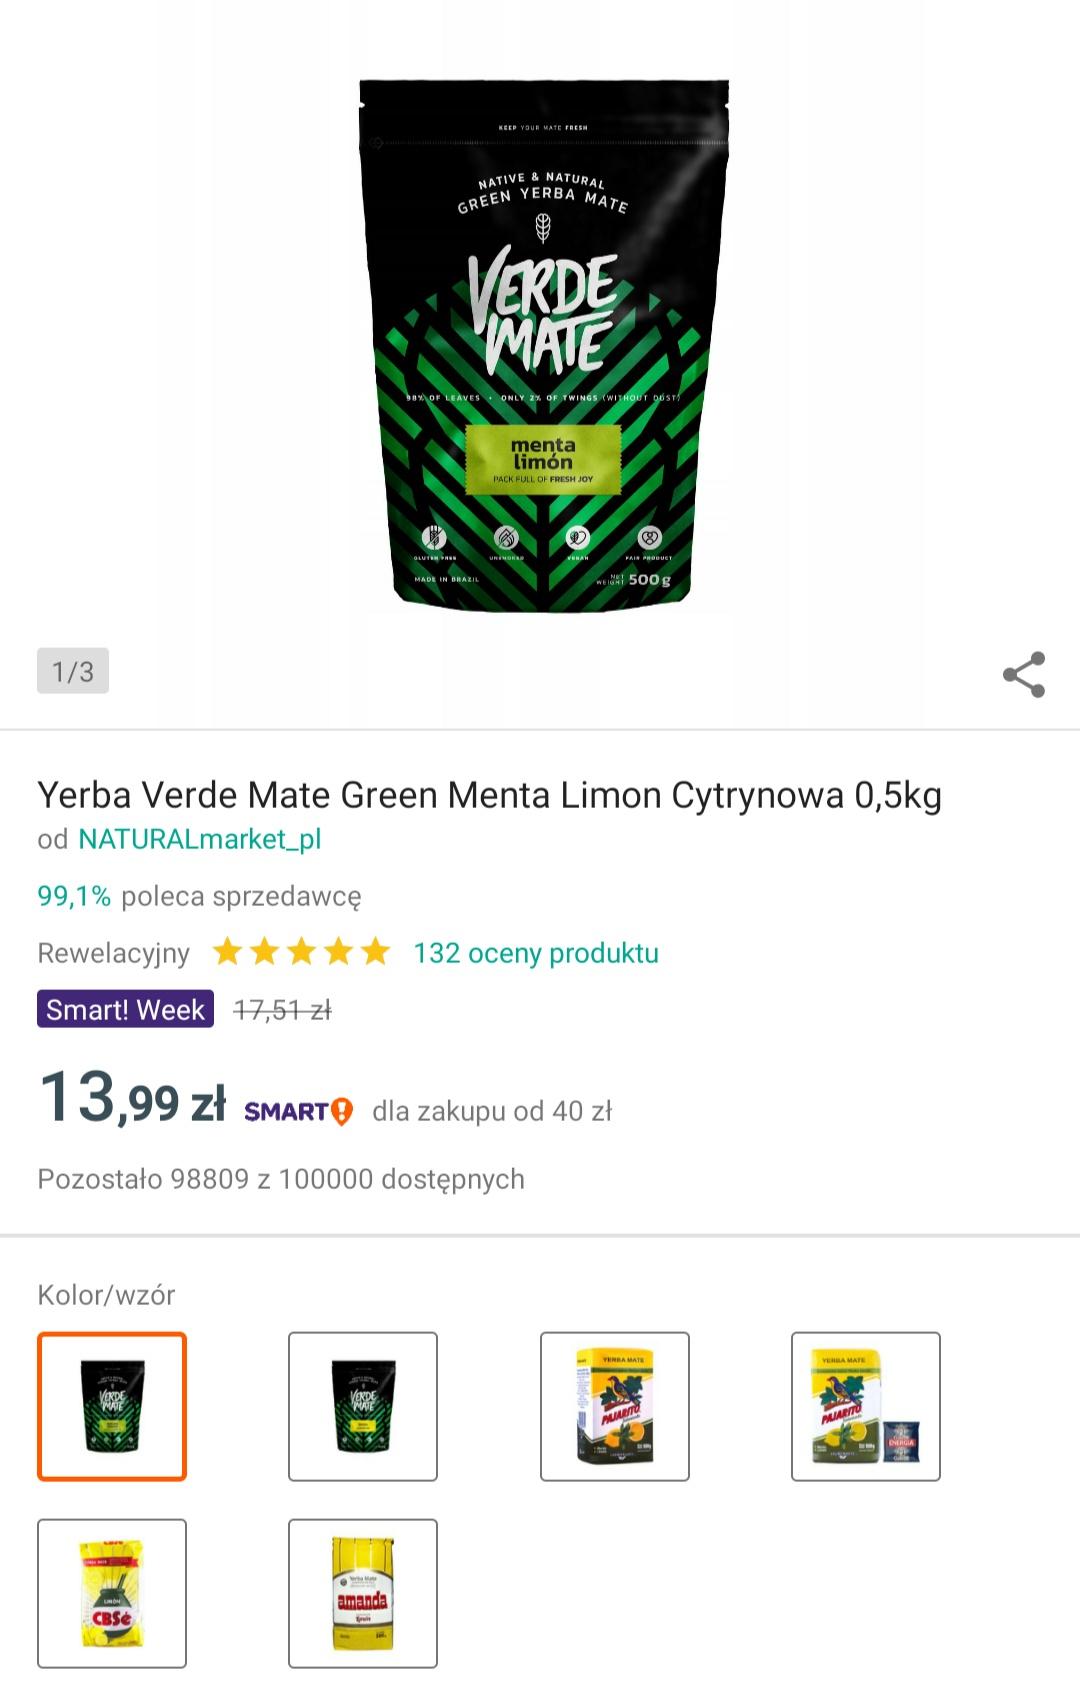 Yerba Mate Green Verde Mate  znany sklep na Allegro NATURALmarket w niższych cenach ( dla smartowiczów)